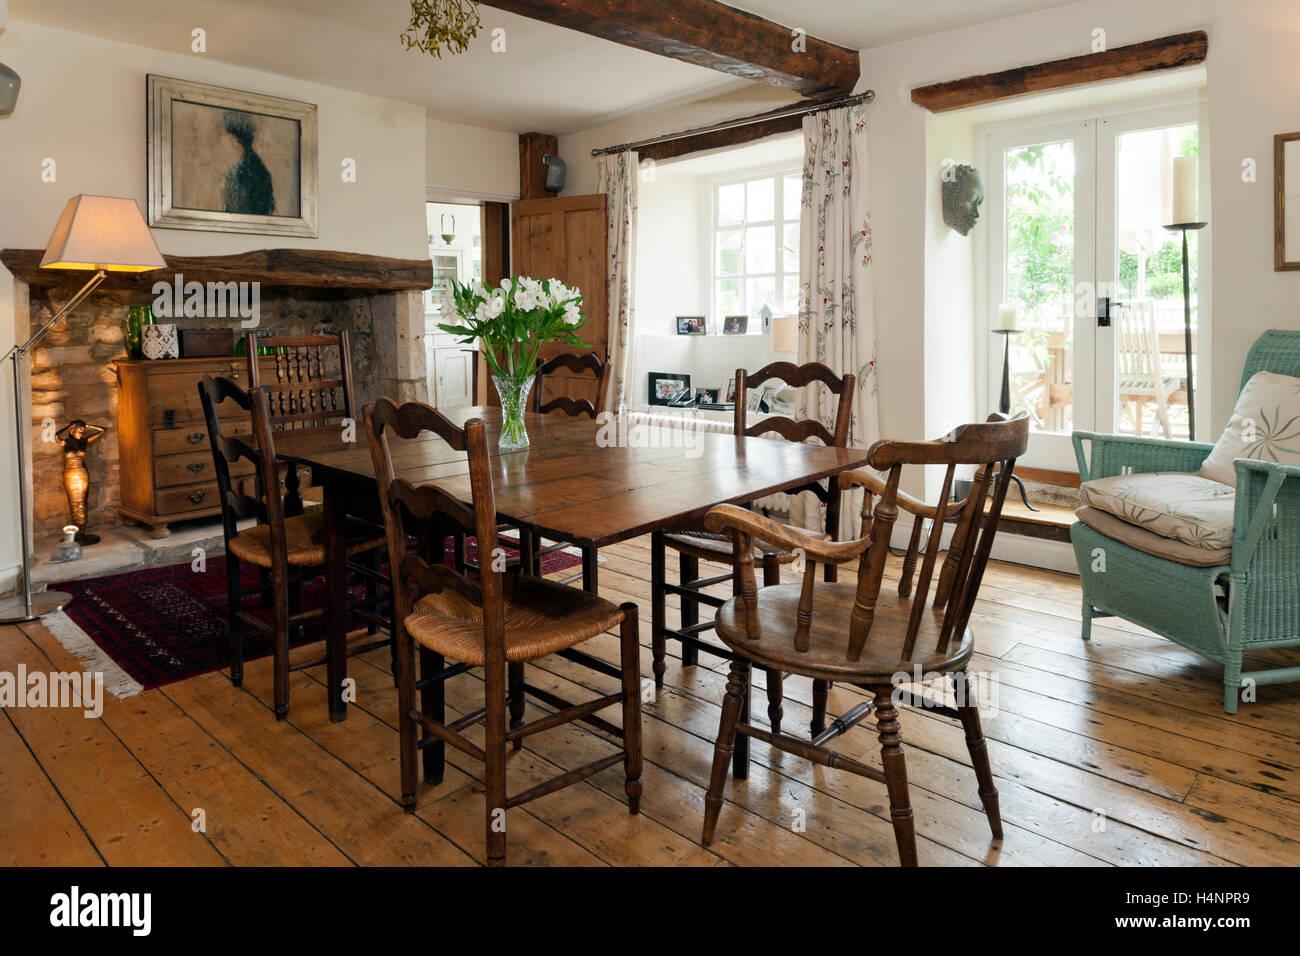 Mobili Antichi Per Sala Da Pranzo : Mobili antichi e spogliato tavoloni in un periodo cottage sala da